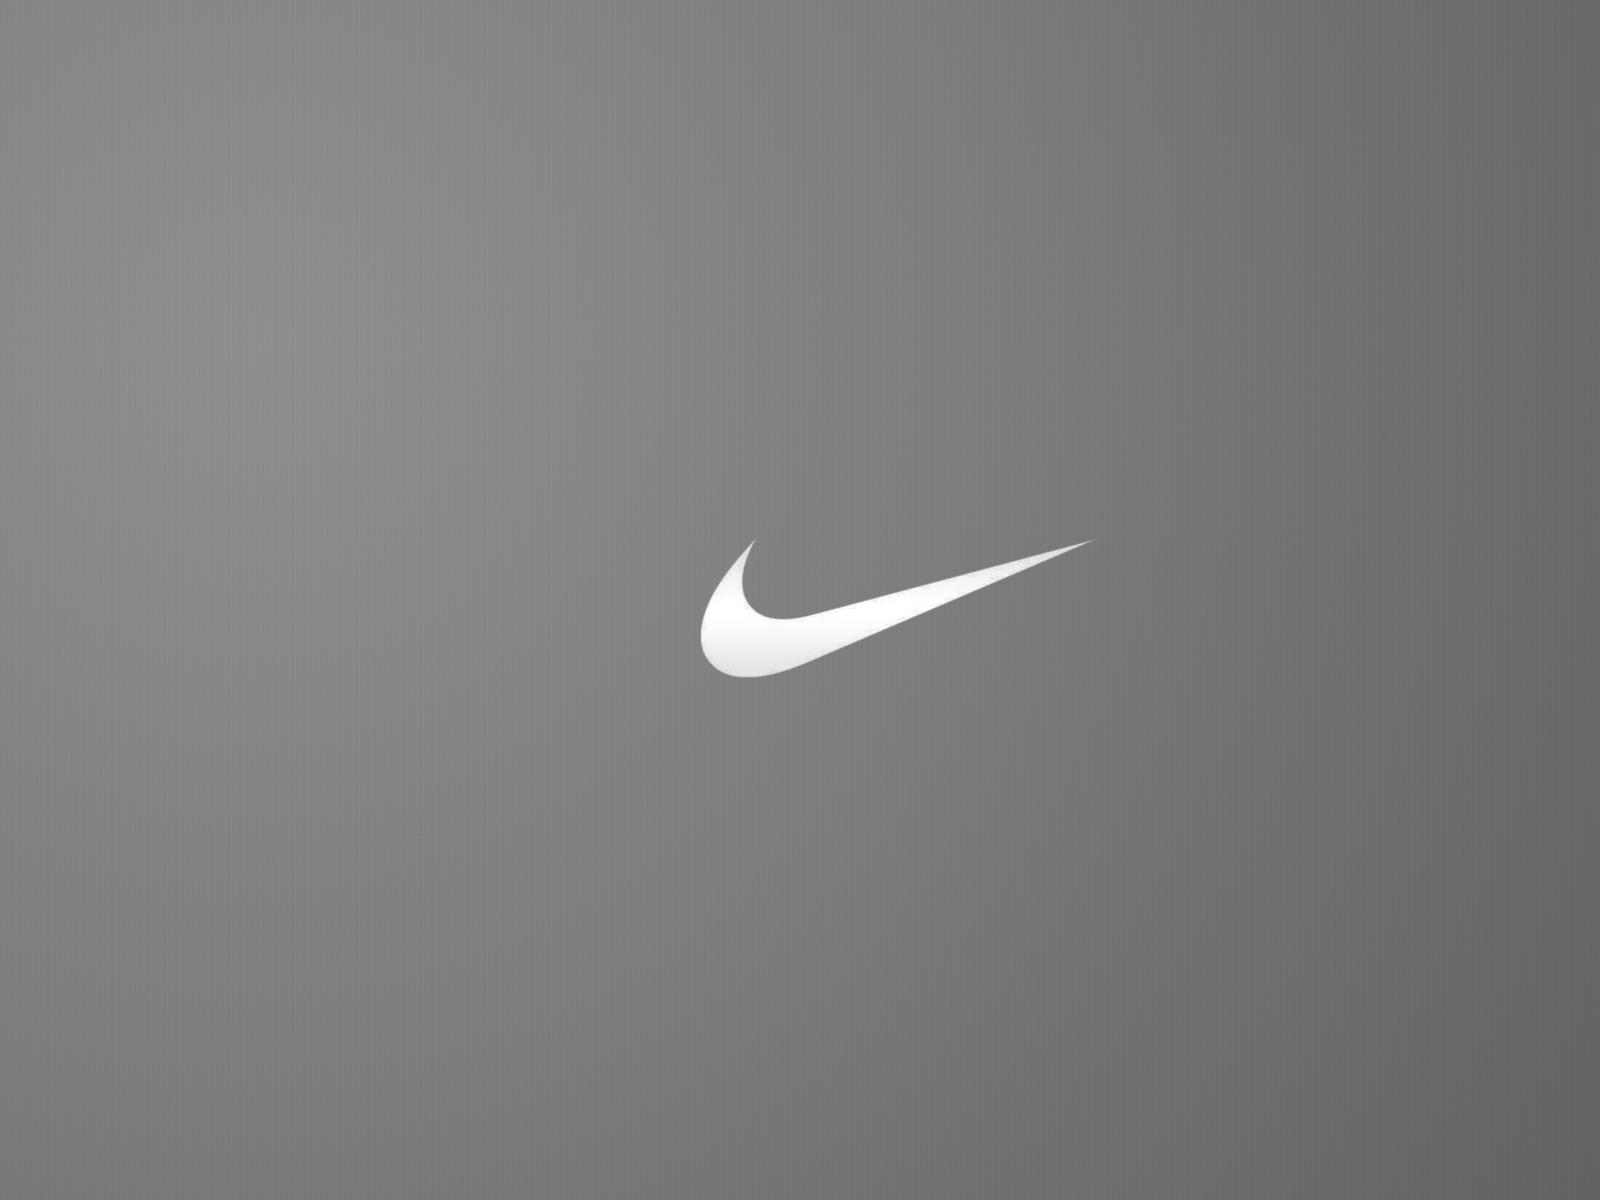 Iphone wallpaper hd black - Nike Logo Wallpaper Wallpapersafari